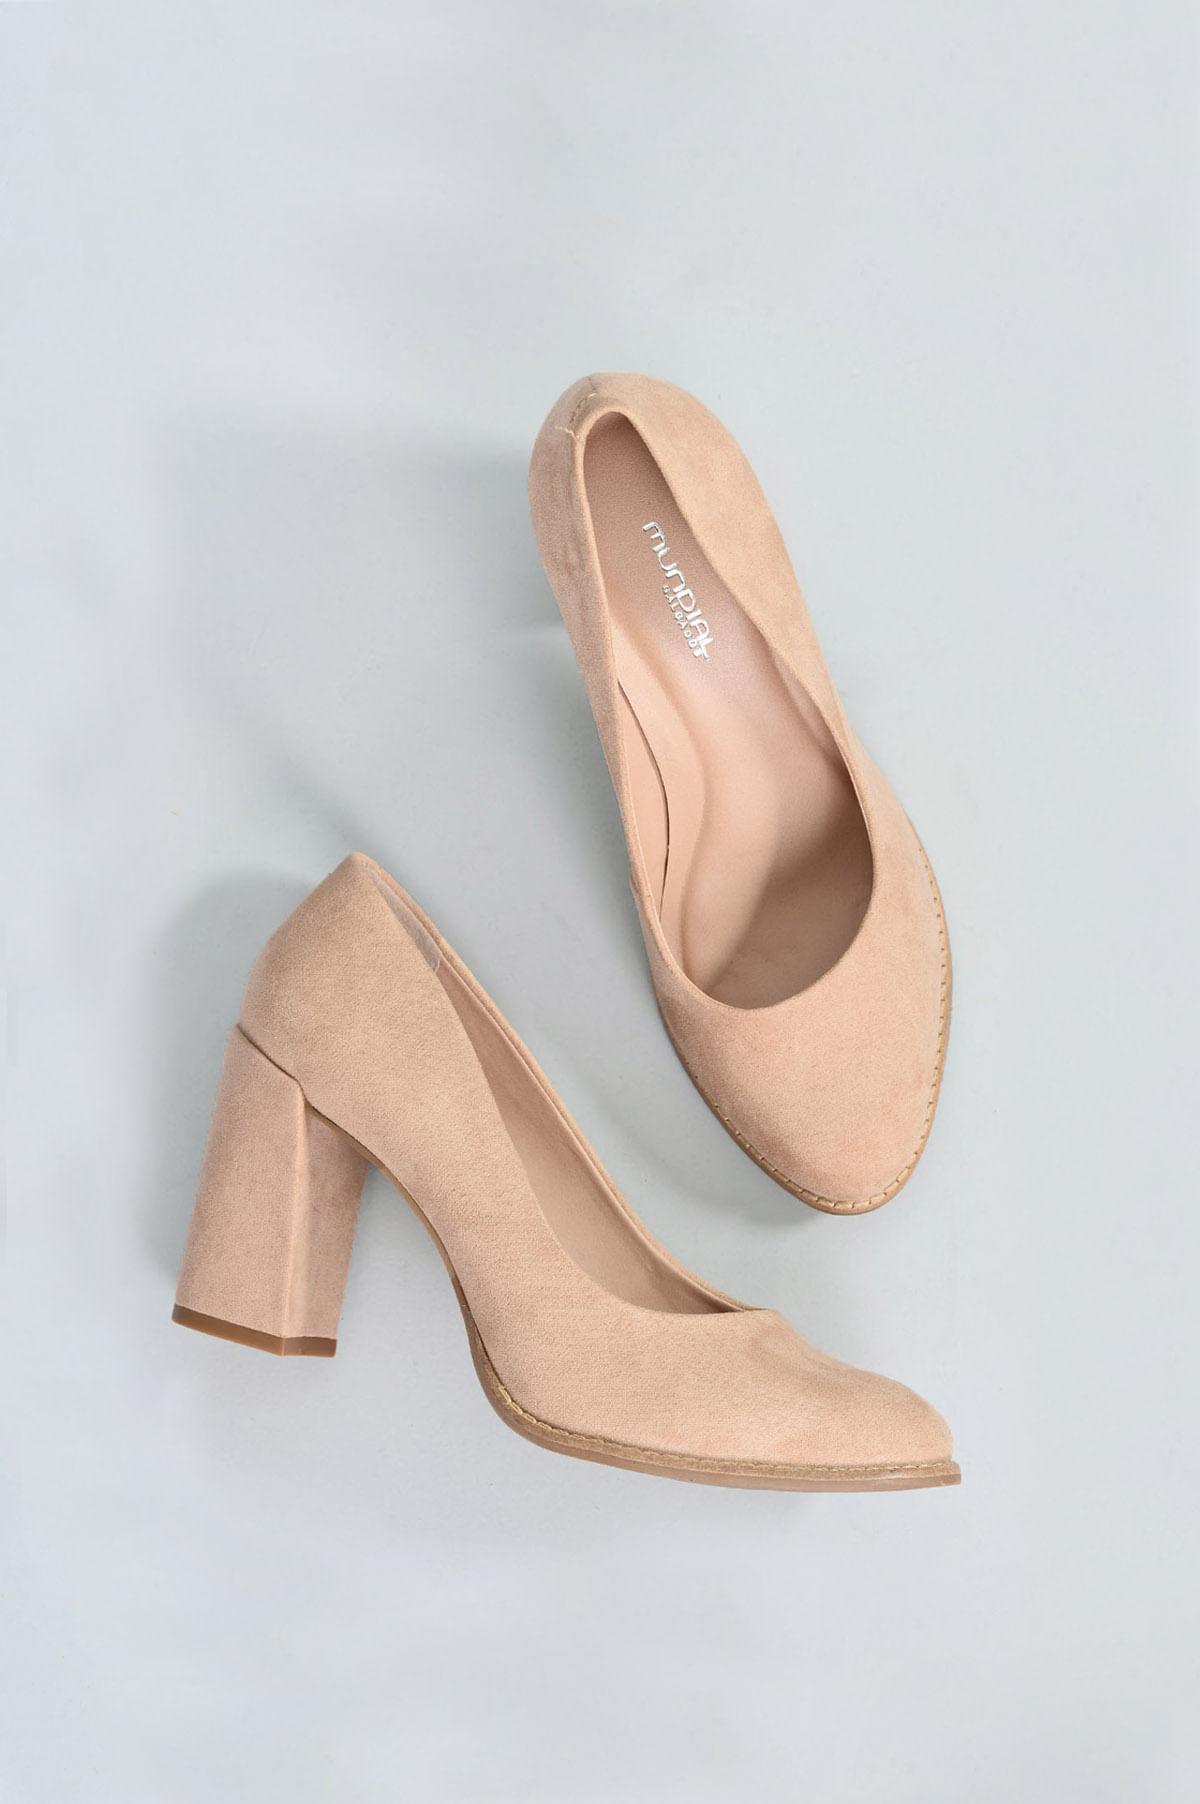 6e7dbfa433 Sapato Feminino Salto Alto Blaise Mundial CAM - NUDE - Mundial Calçados